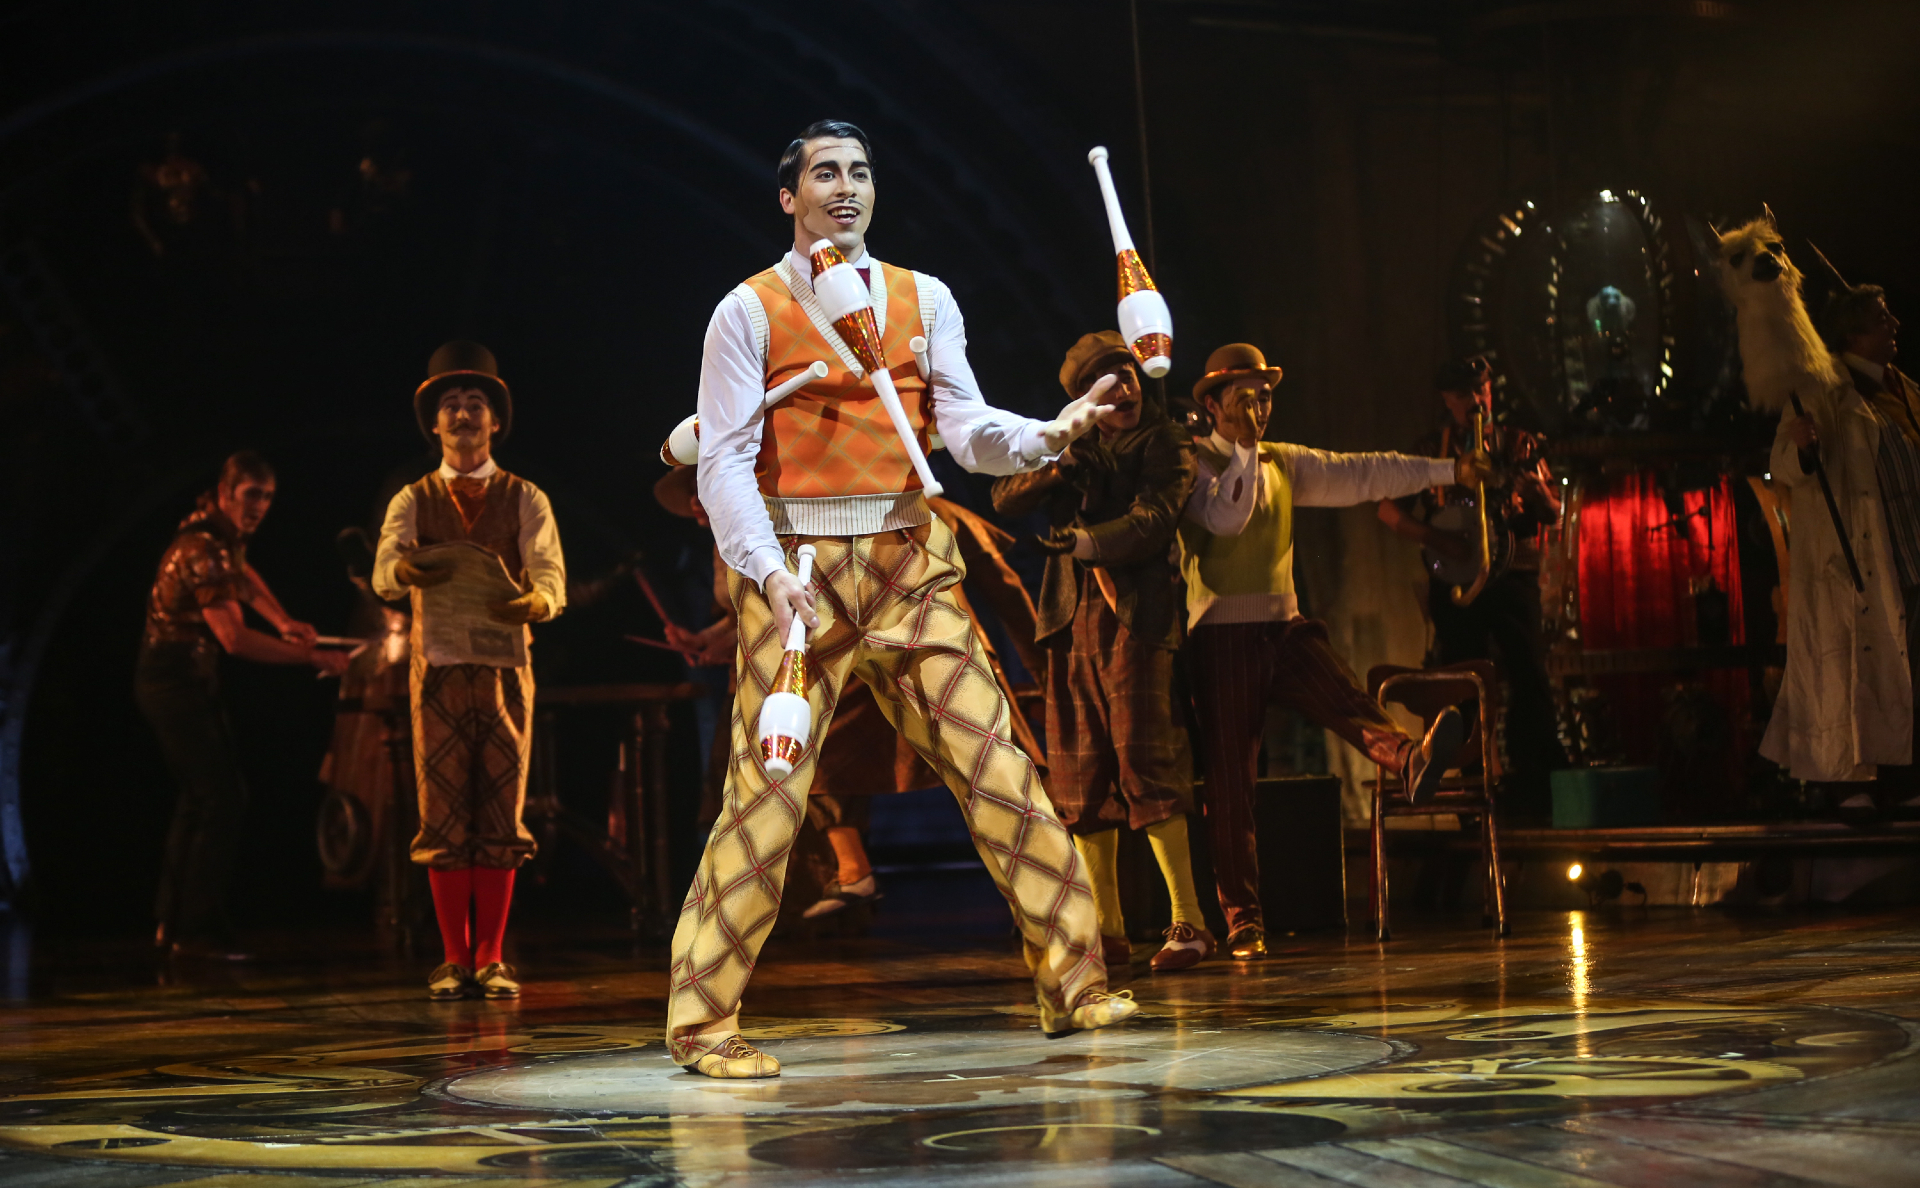 Запашный пожаловался Путину на проект Гуцериева и Cirque du Soleil